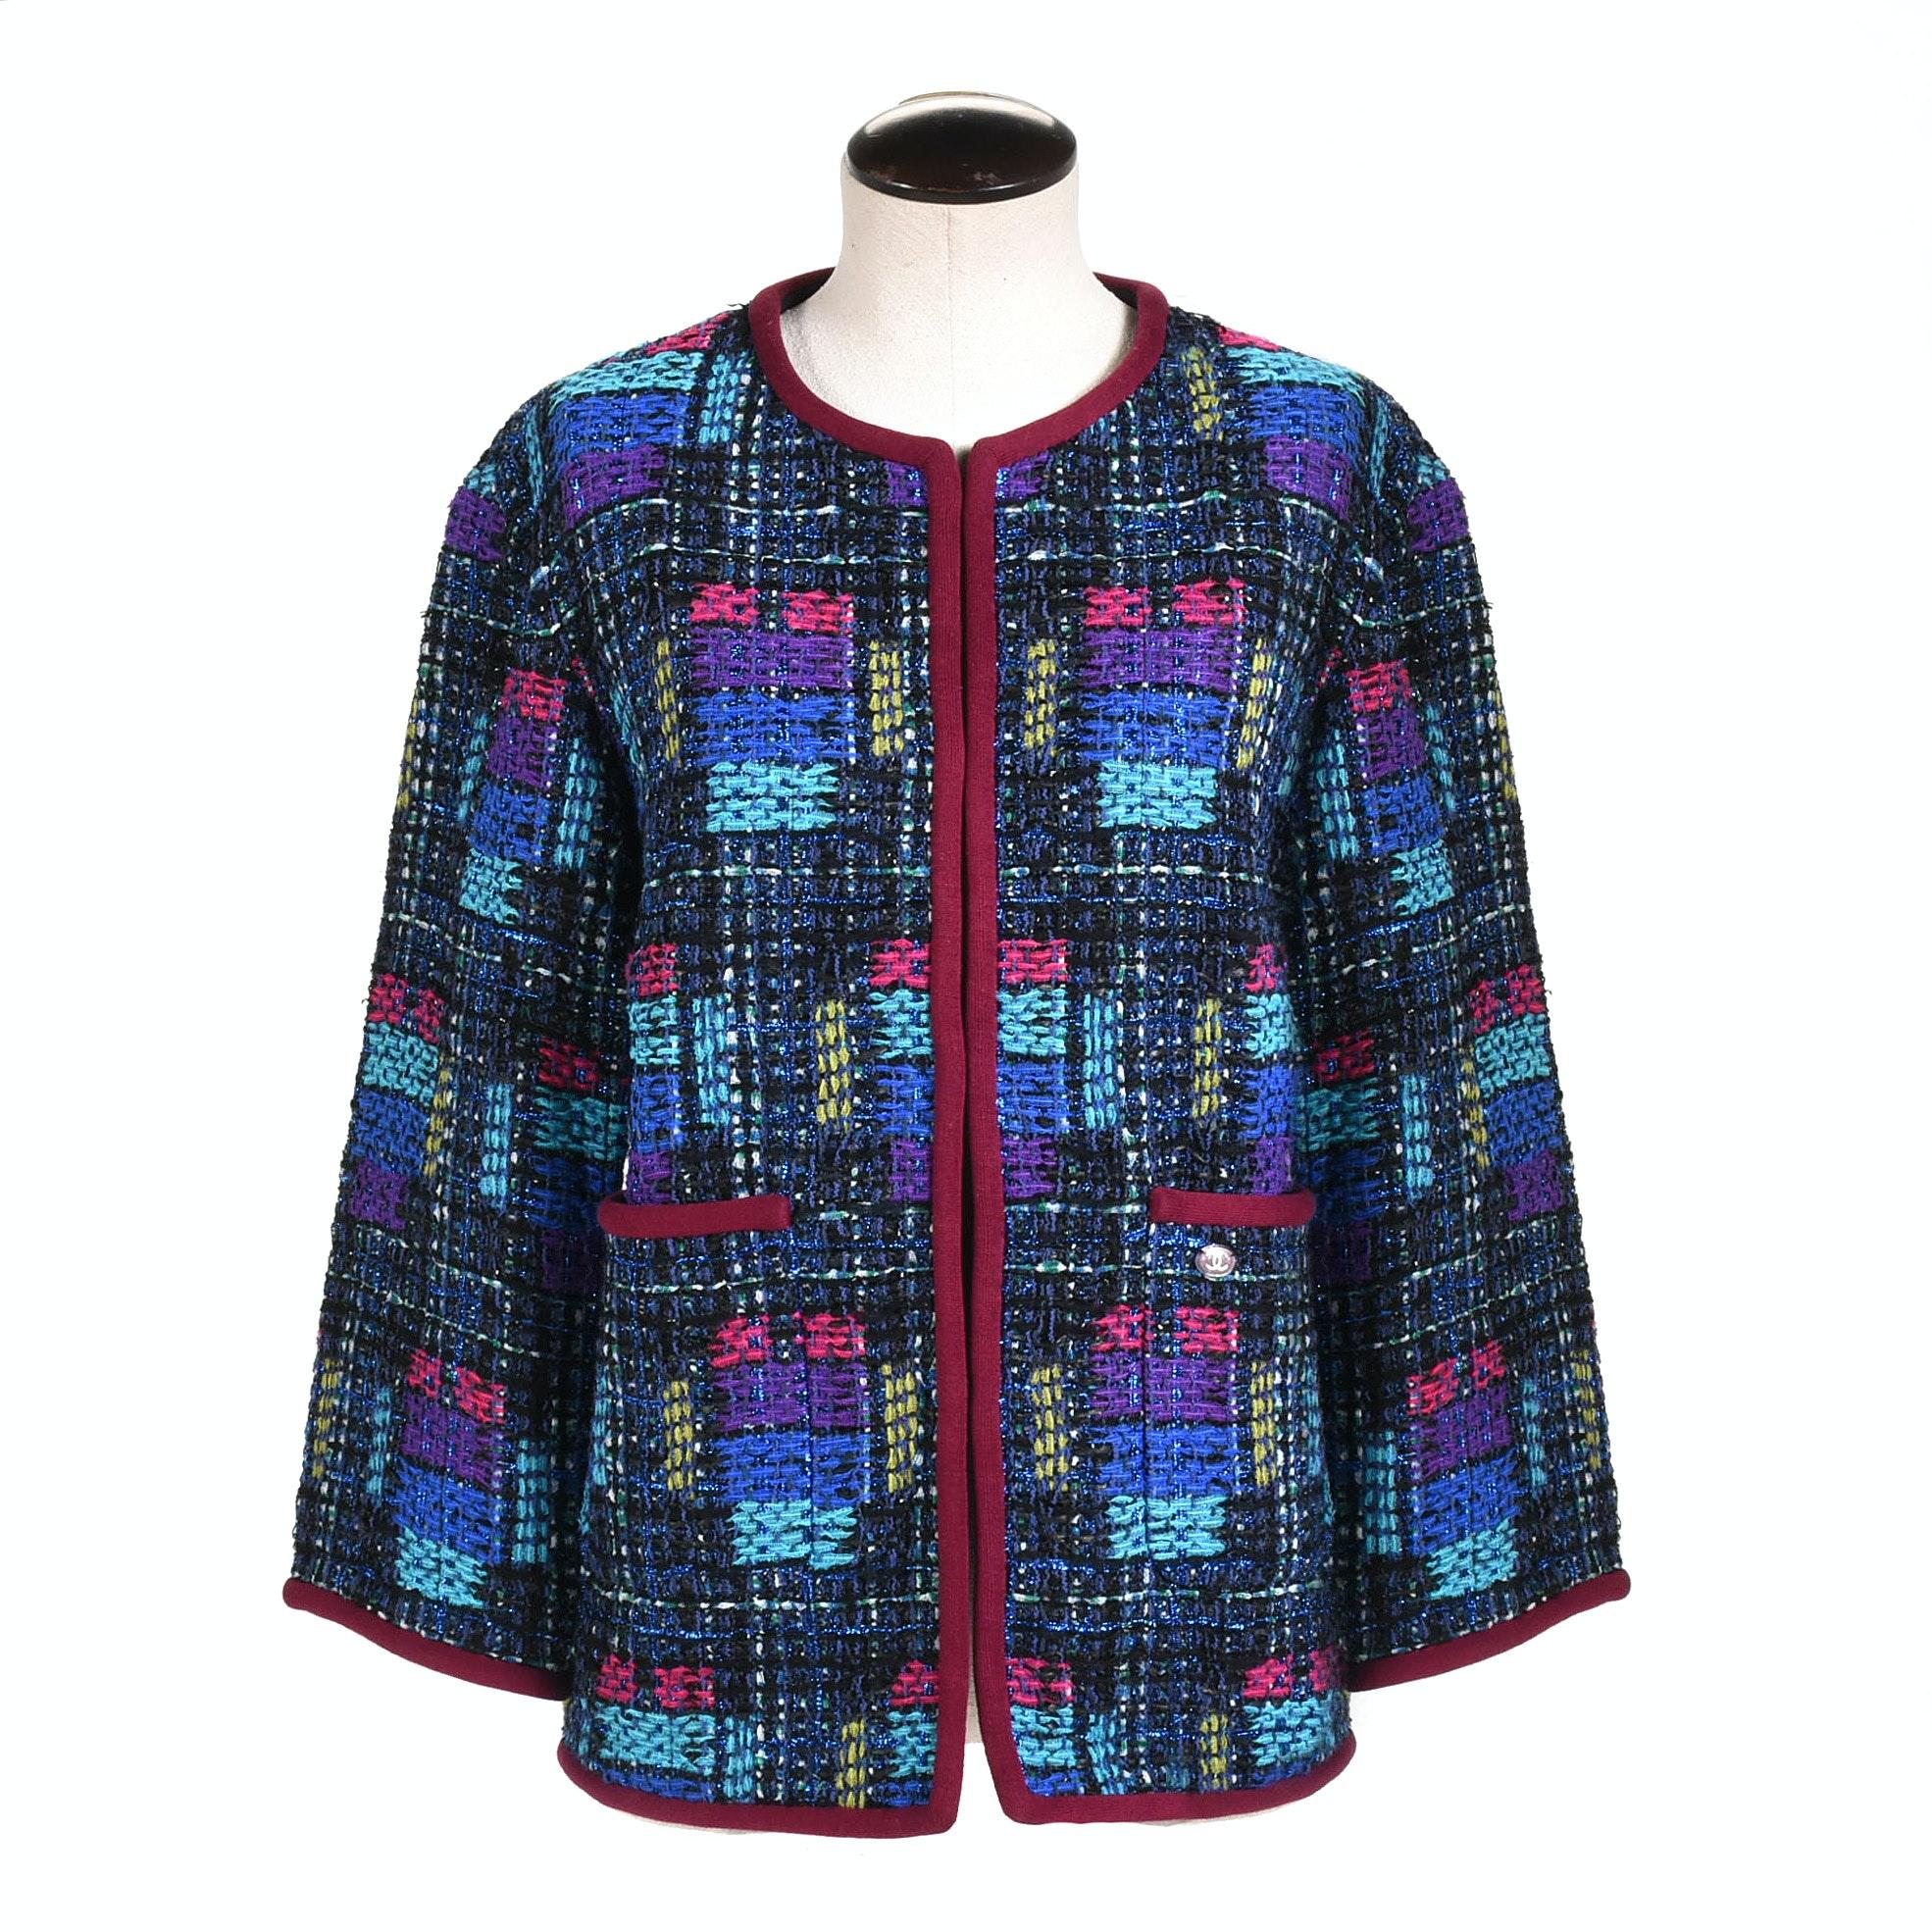 Women's Chanel Jewel Tone Tweed Jacket